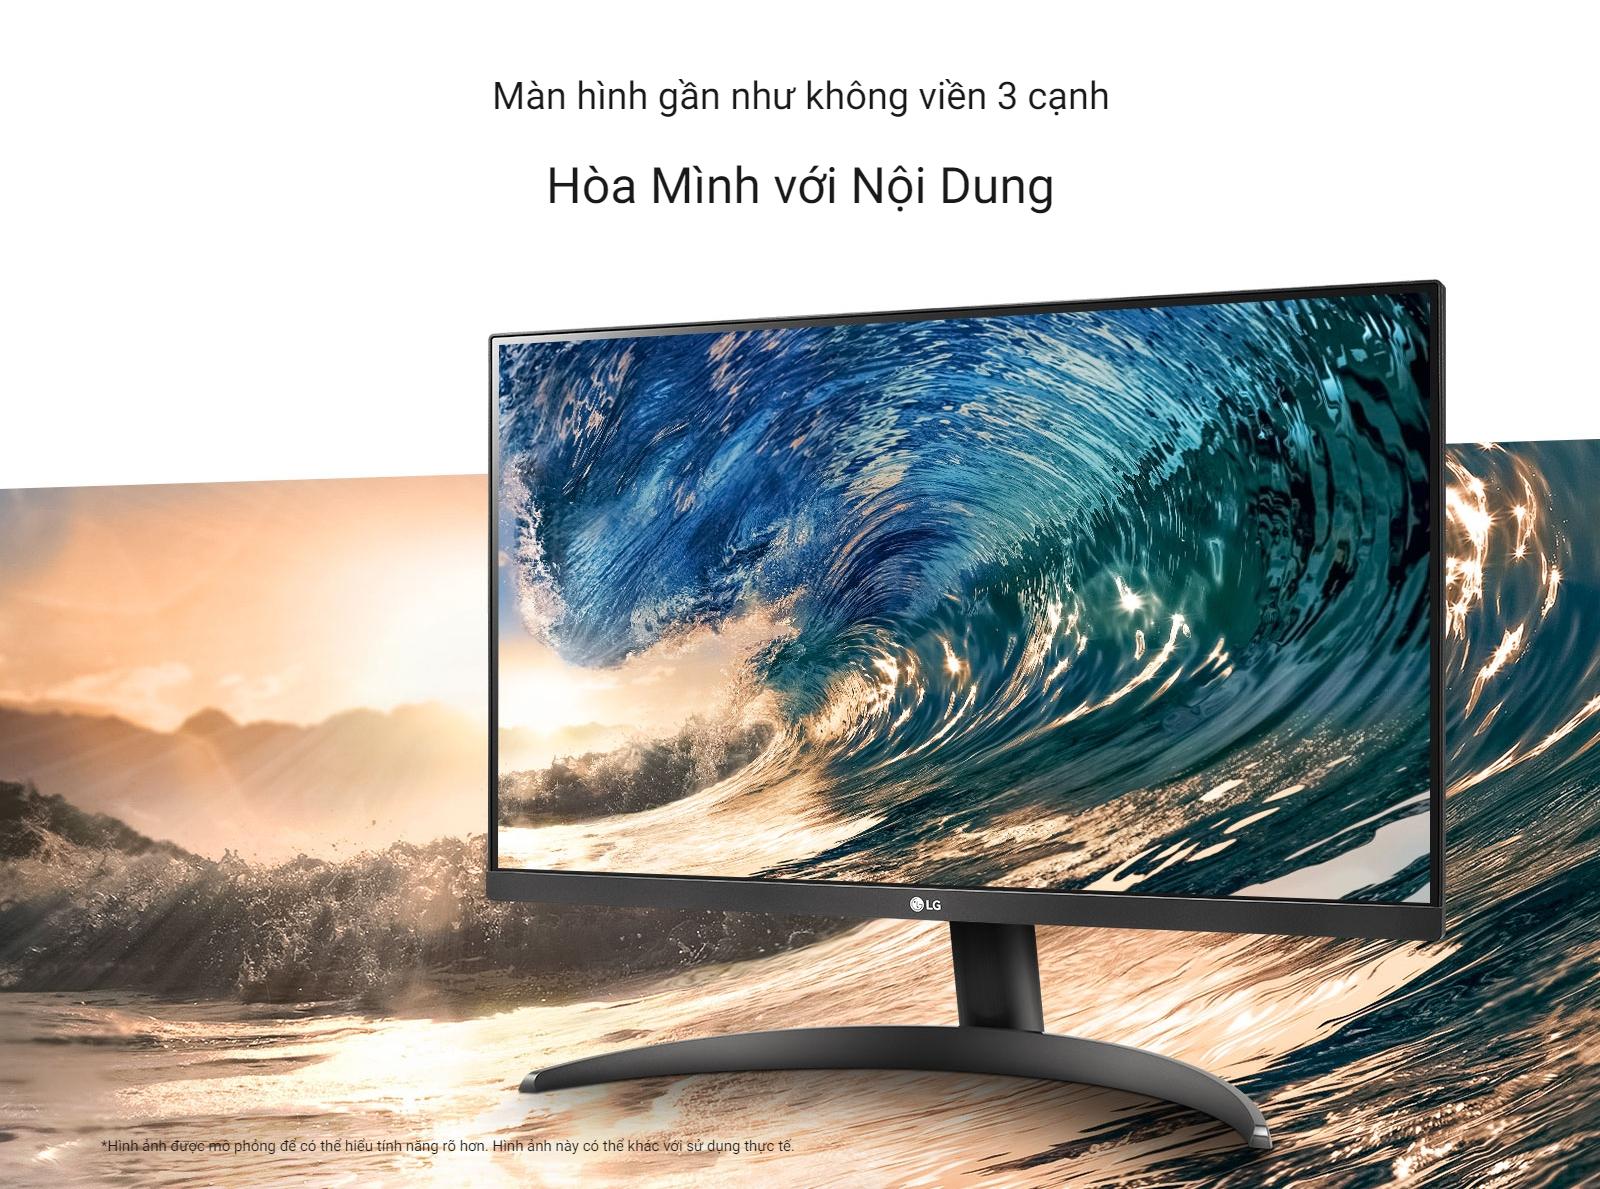 LG 24QP500-B màn hình gần như không viền